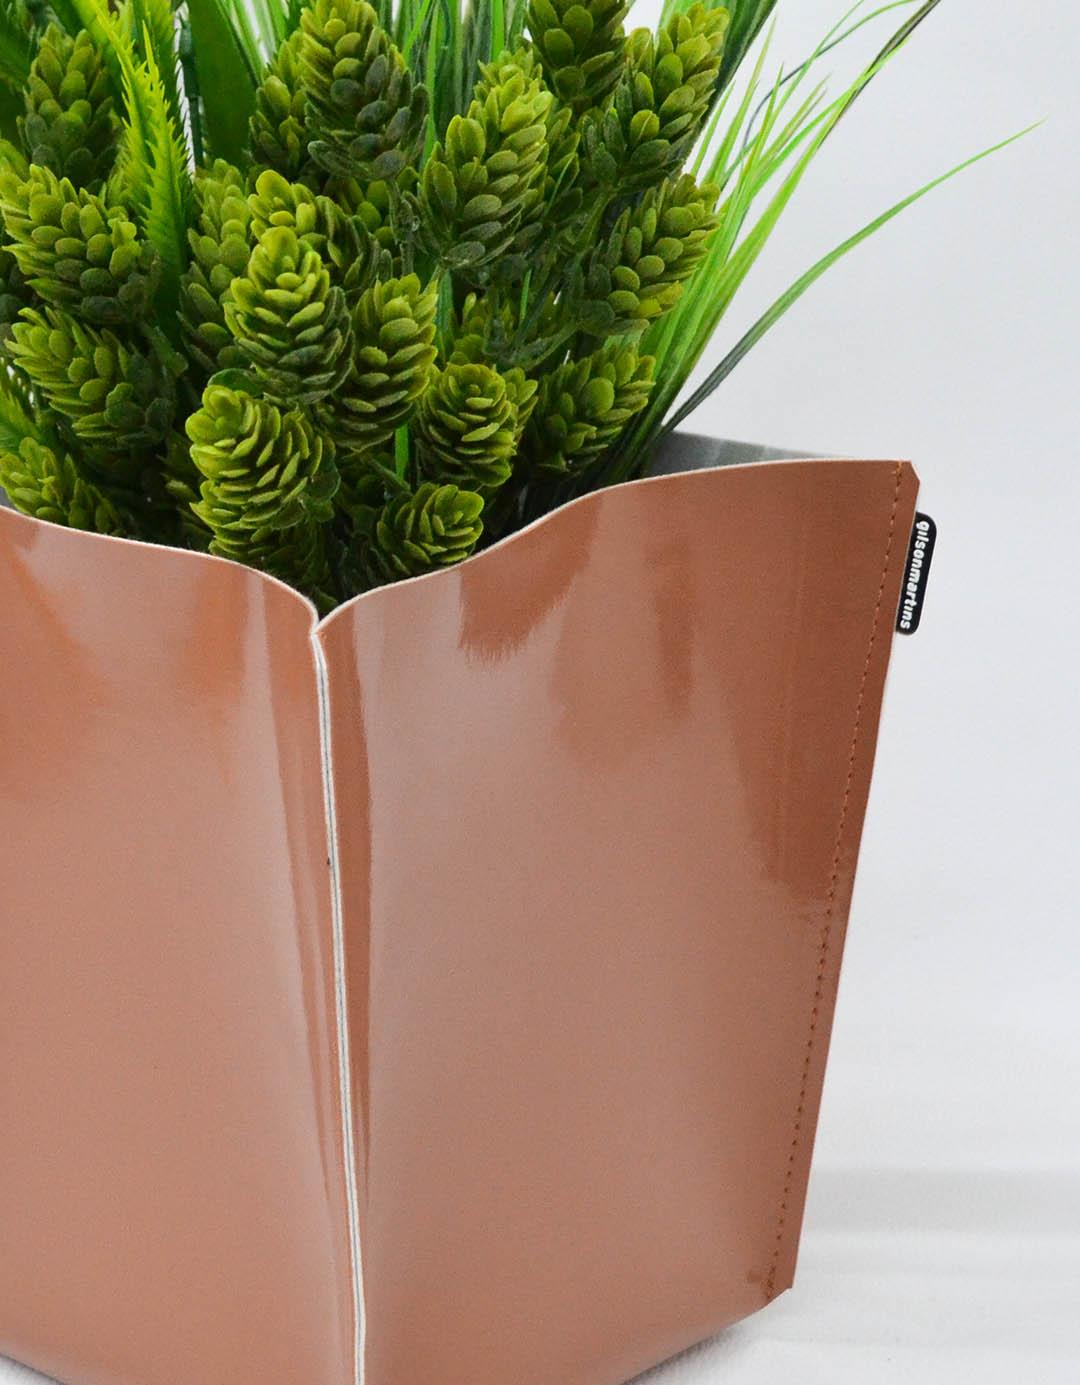 Cachepot Decorativo Assinado Gilson Home - Vaso GG